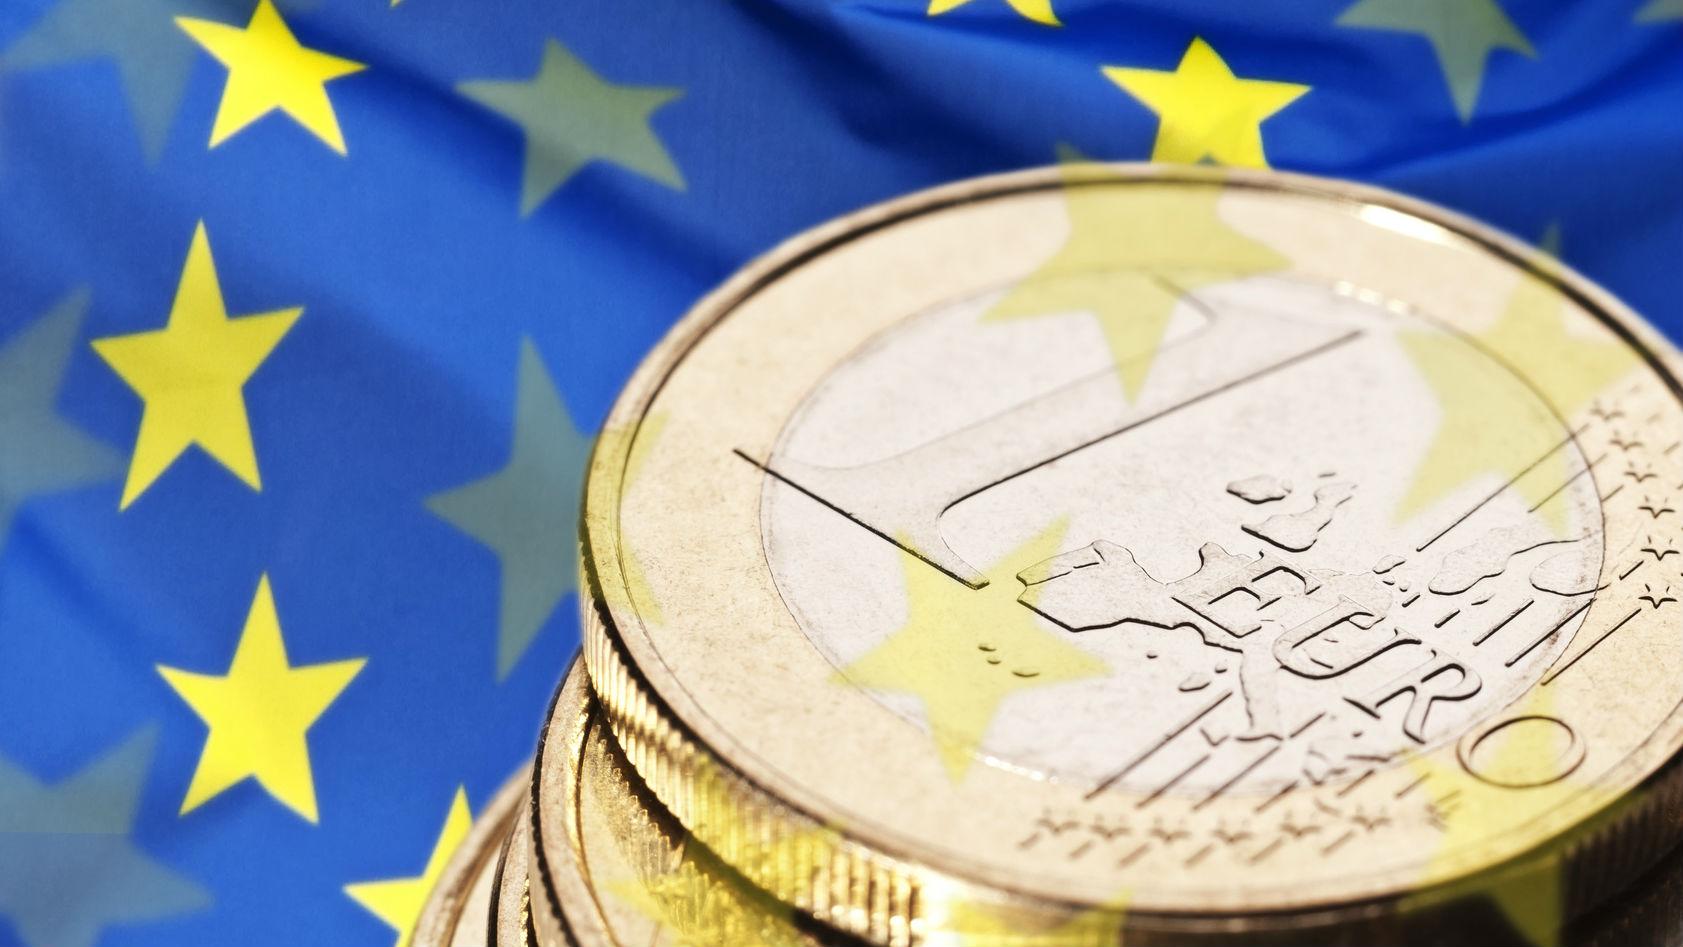 Экономике Евросоюза угрожает глубокая рецессия